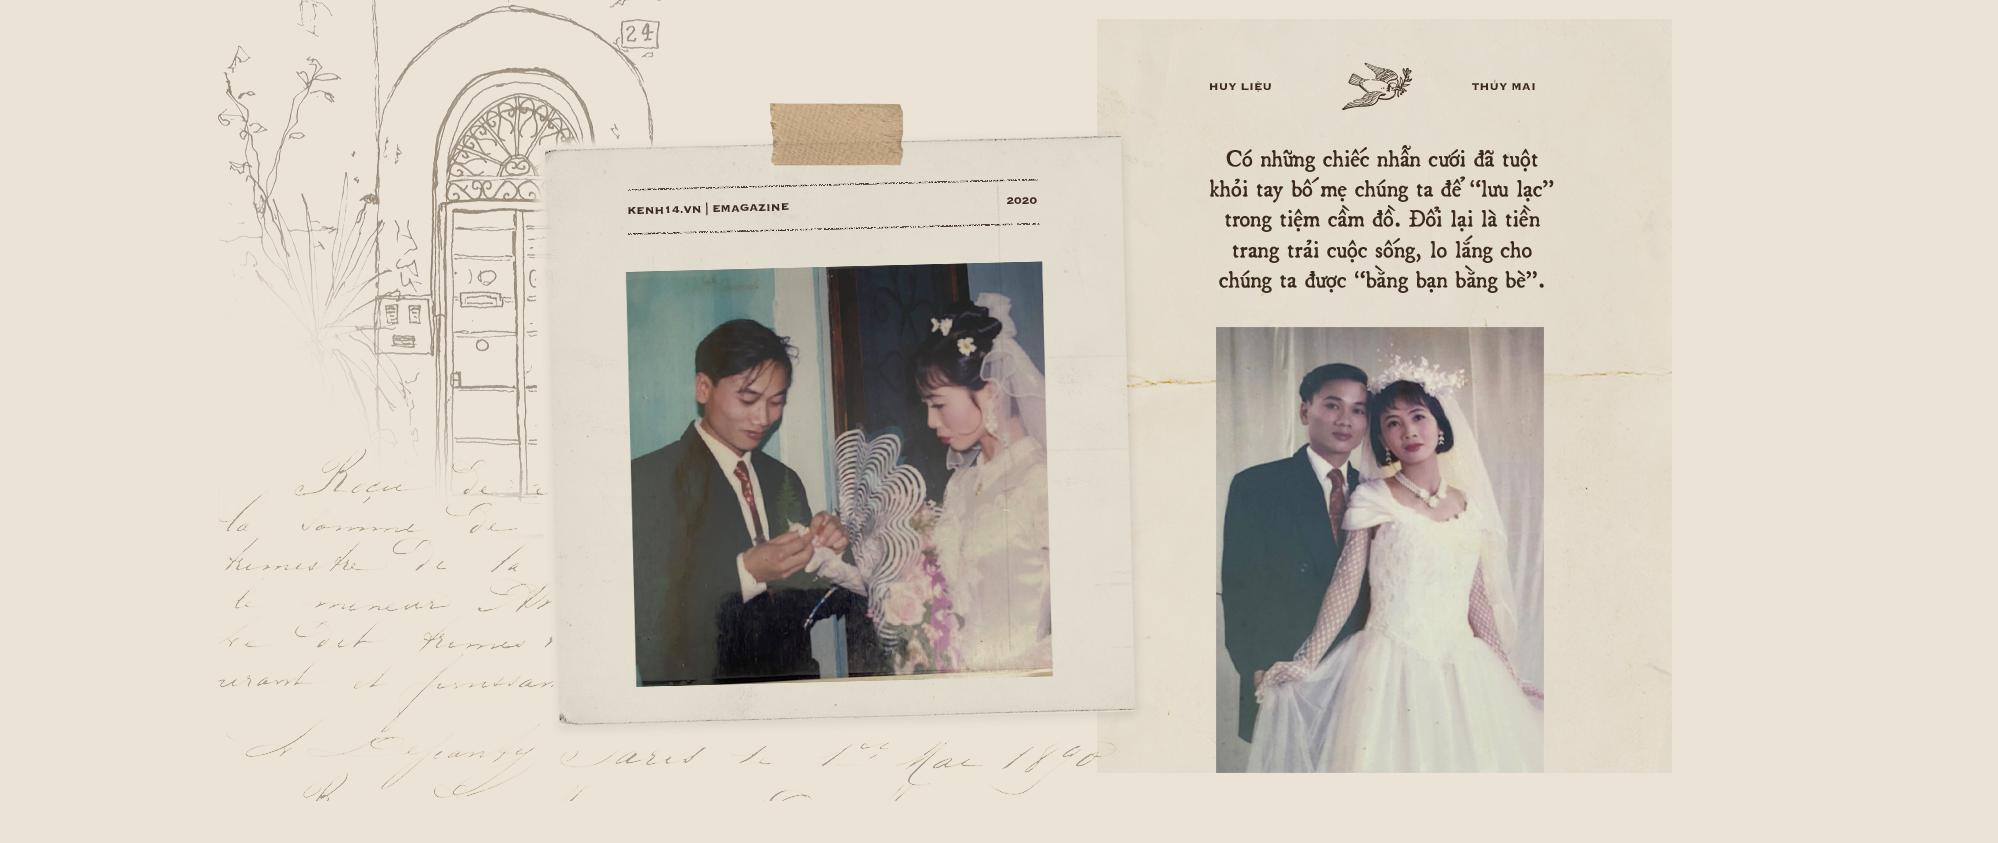 Cảm ơn bố mẹ đã cưới nhau, dù năm ấy không có nhẫn lồng tay, nhưng hàng chục năm bền chặt đã dạy con chỉ yêu thôi là chưa đủ - Ảnh 5.